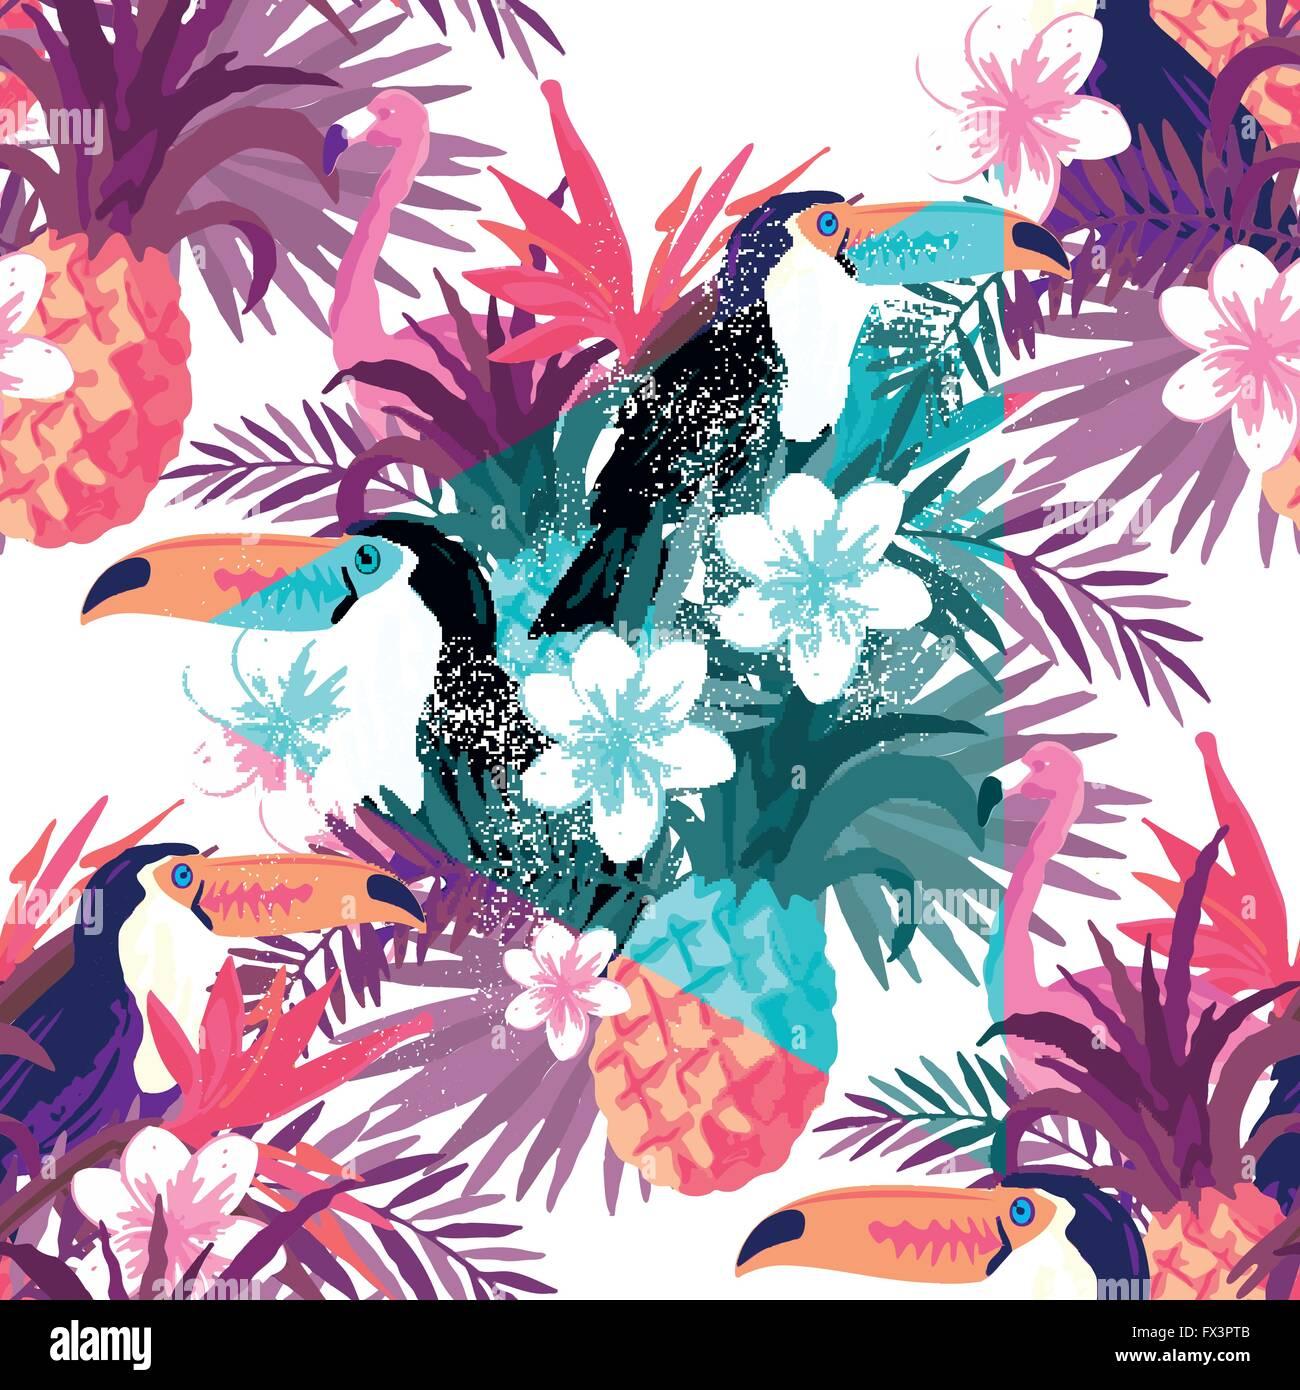 Tropical Abstract vettore di fondo. Vettore di perfetta illustrazione dello sfondo. Immagini Stock